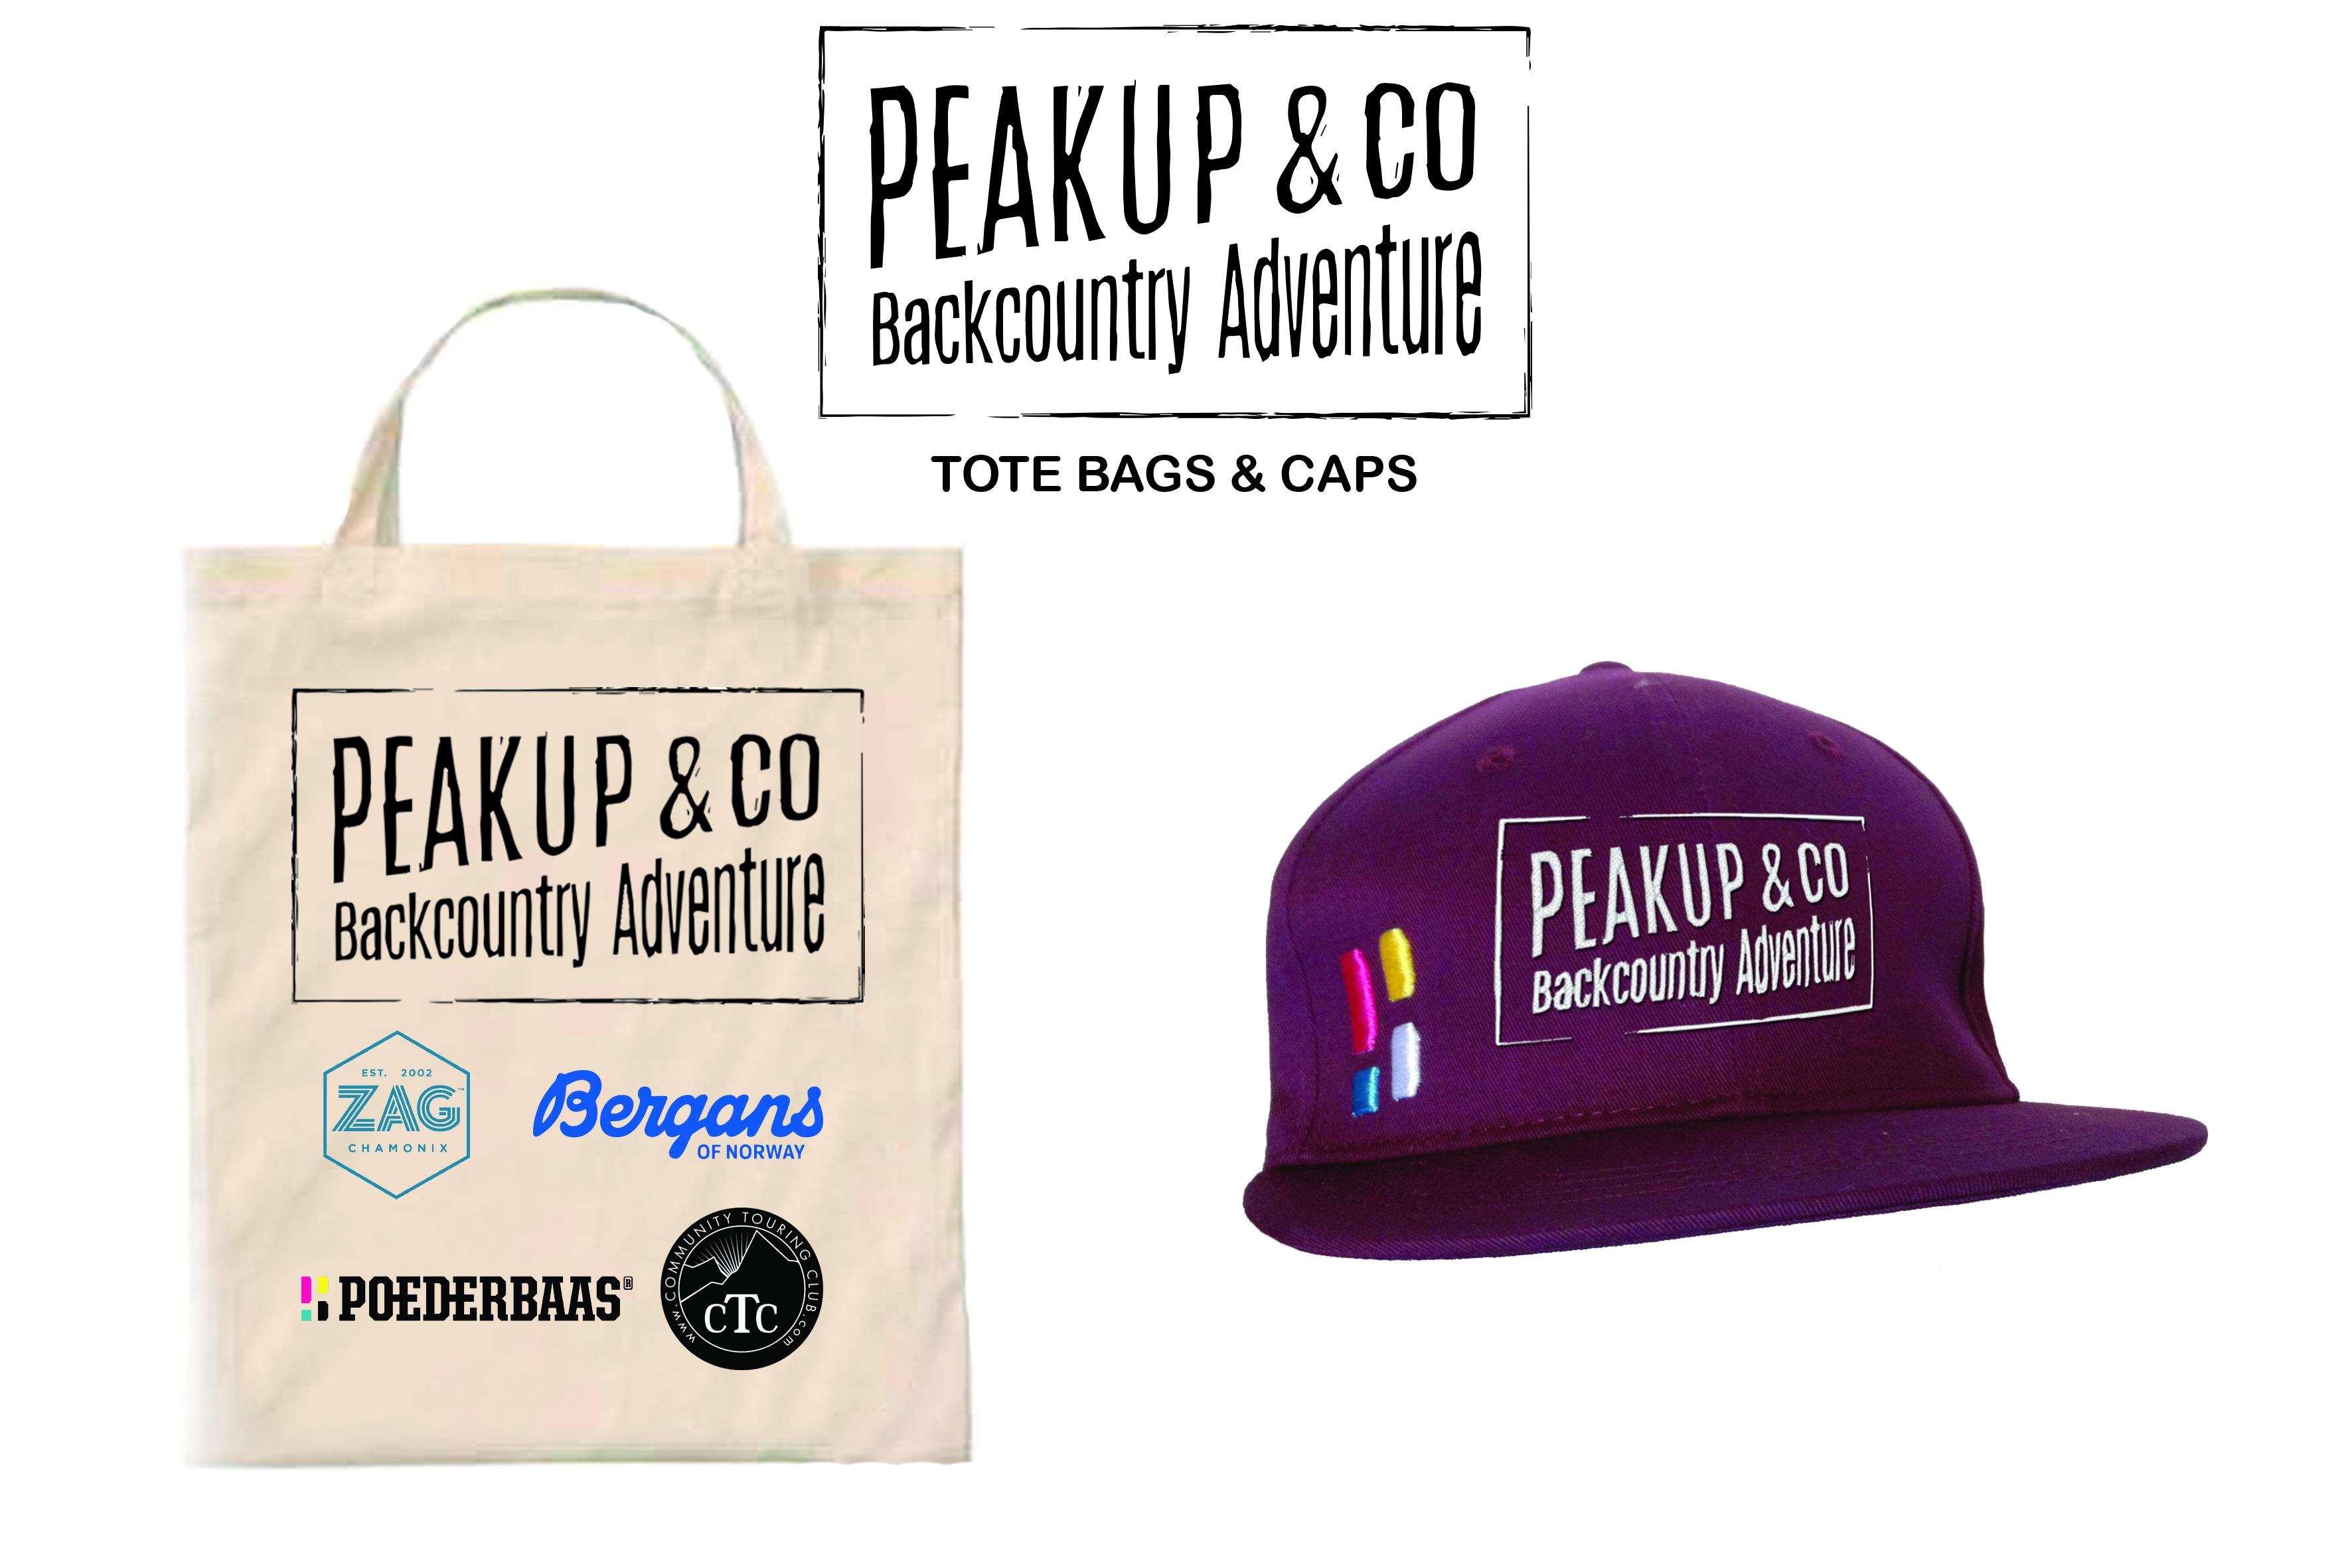 bags et caps event